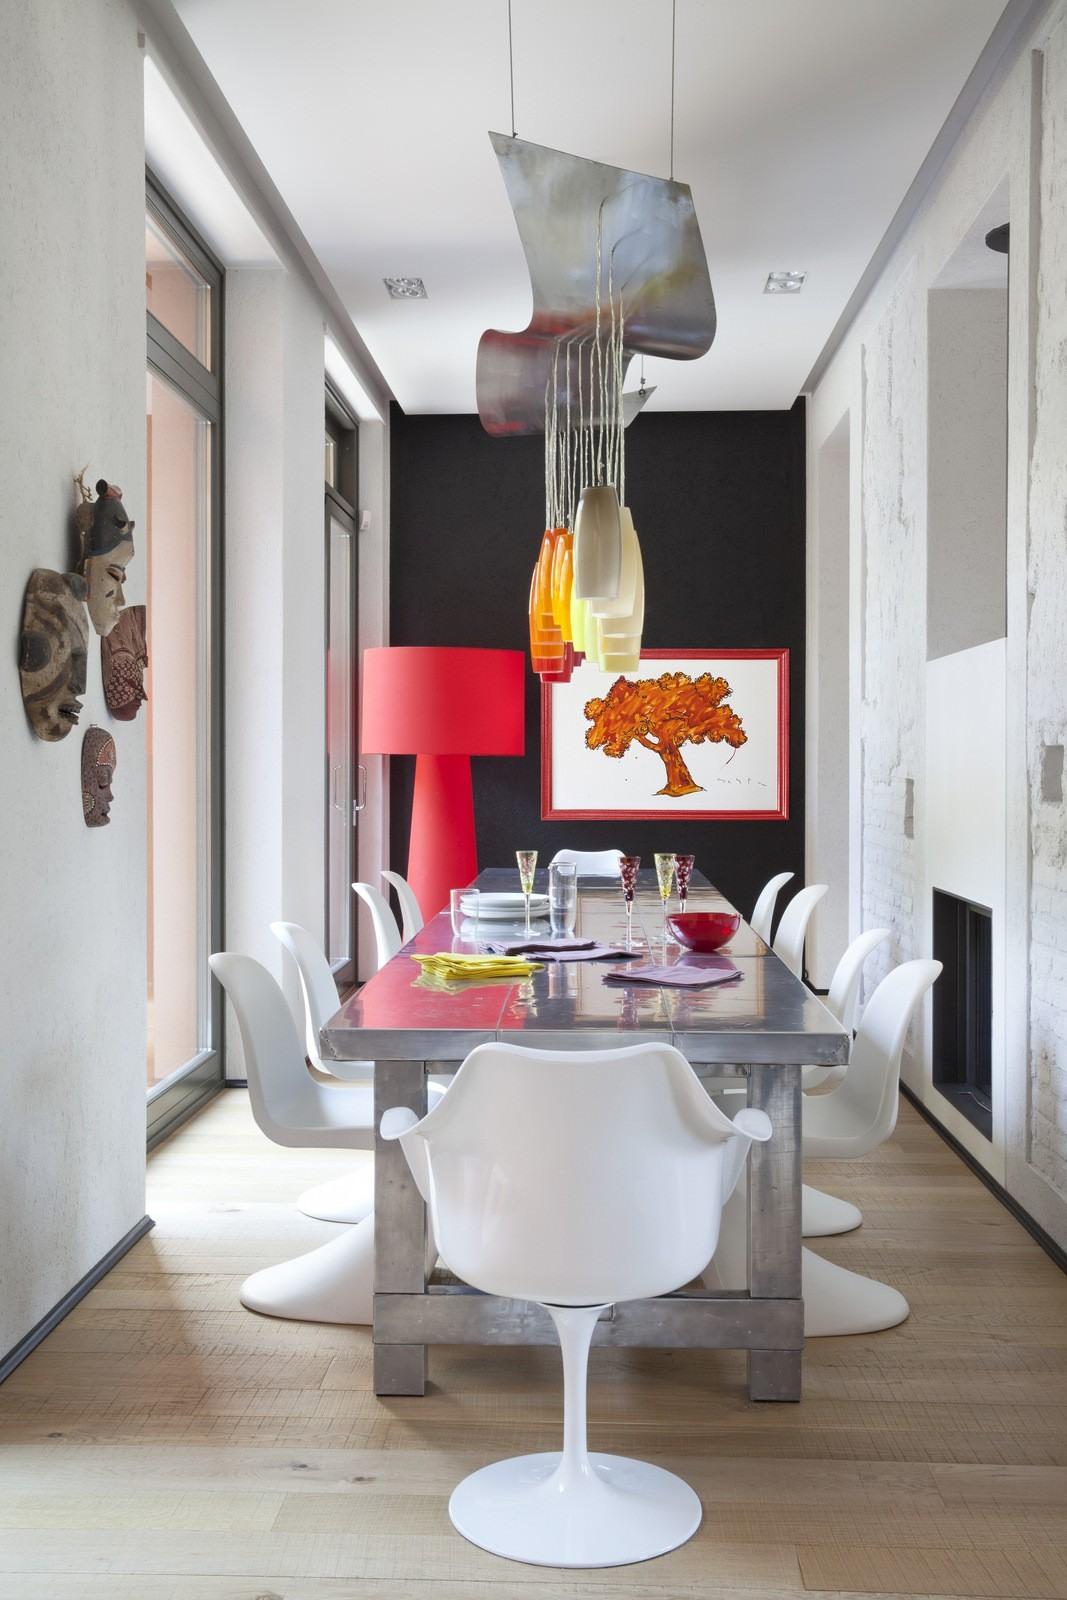 cl_pelizzari_eclectic_home_11